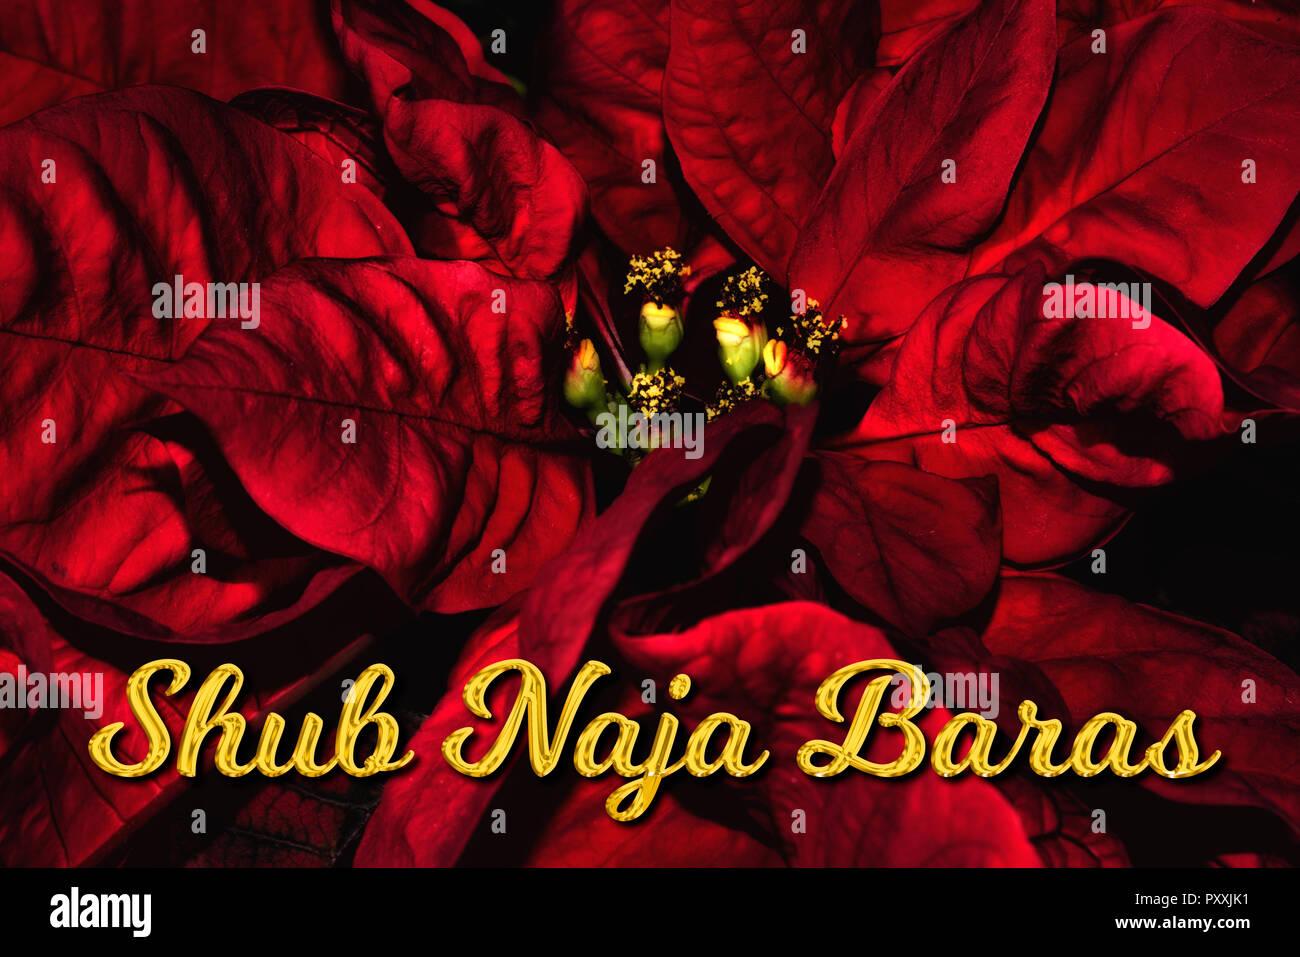 Frohe Weihnachten Hindi.Der Hindi Text Hub Naja Baras Bedeutet Frohe Weihnachten Die